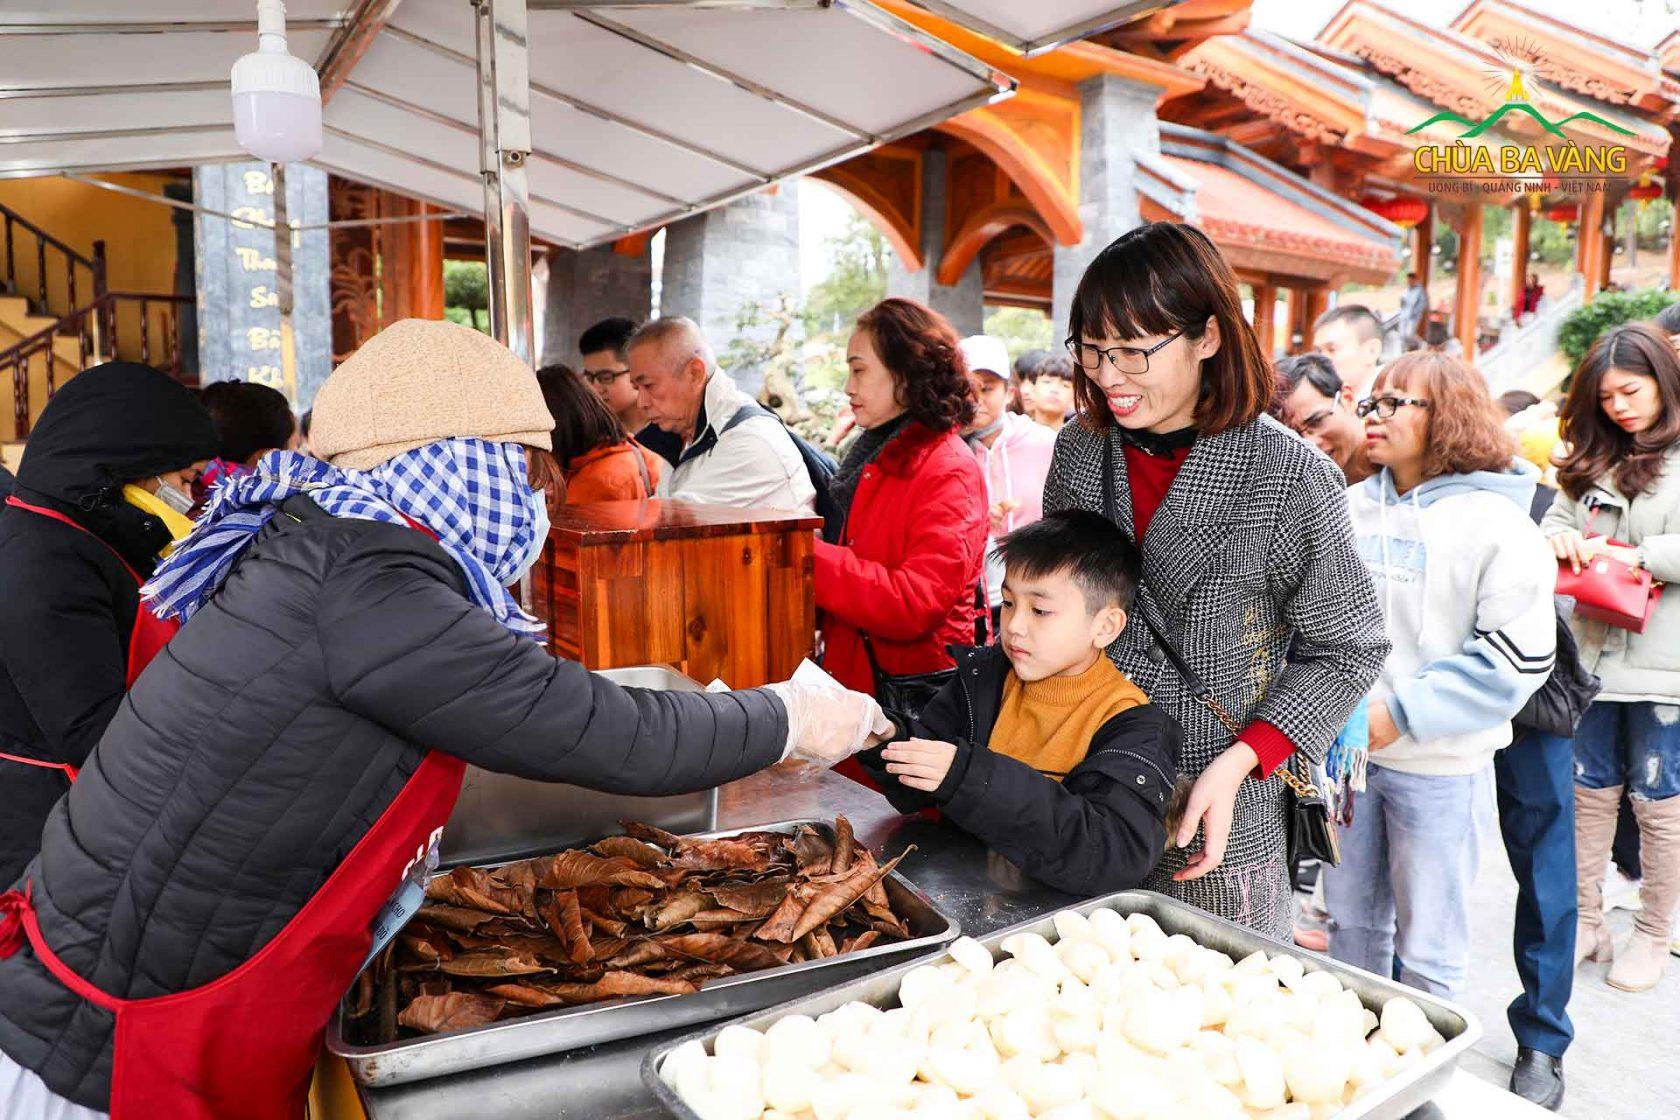 Lá cây và giấy là hai thành phần chính dùng để gói bánh tặng cho du khách